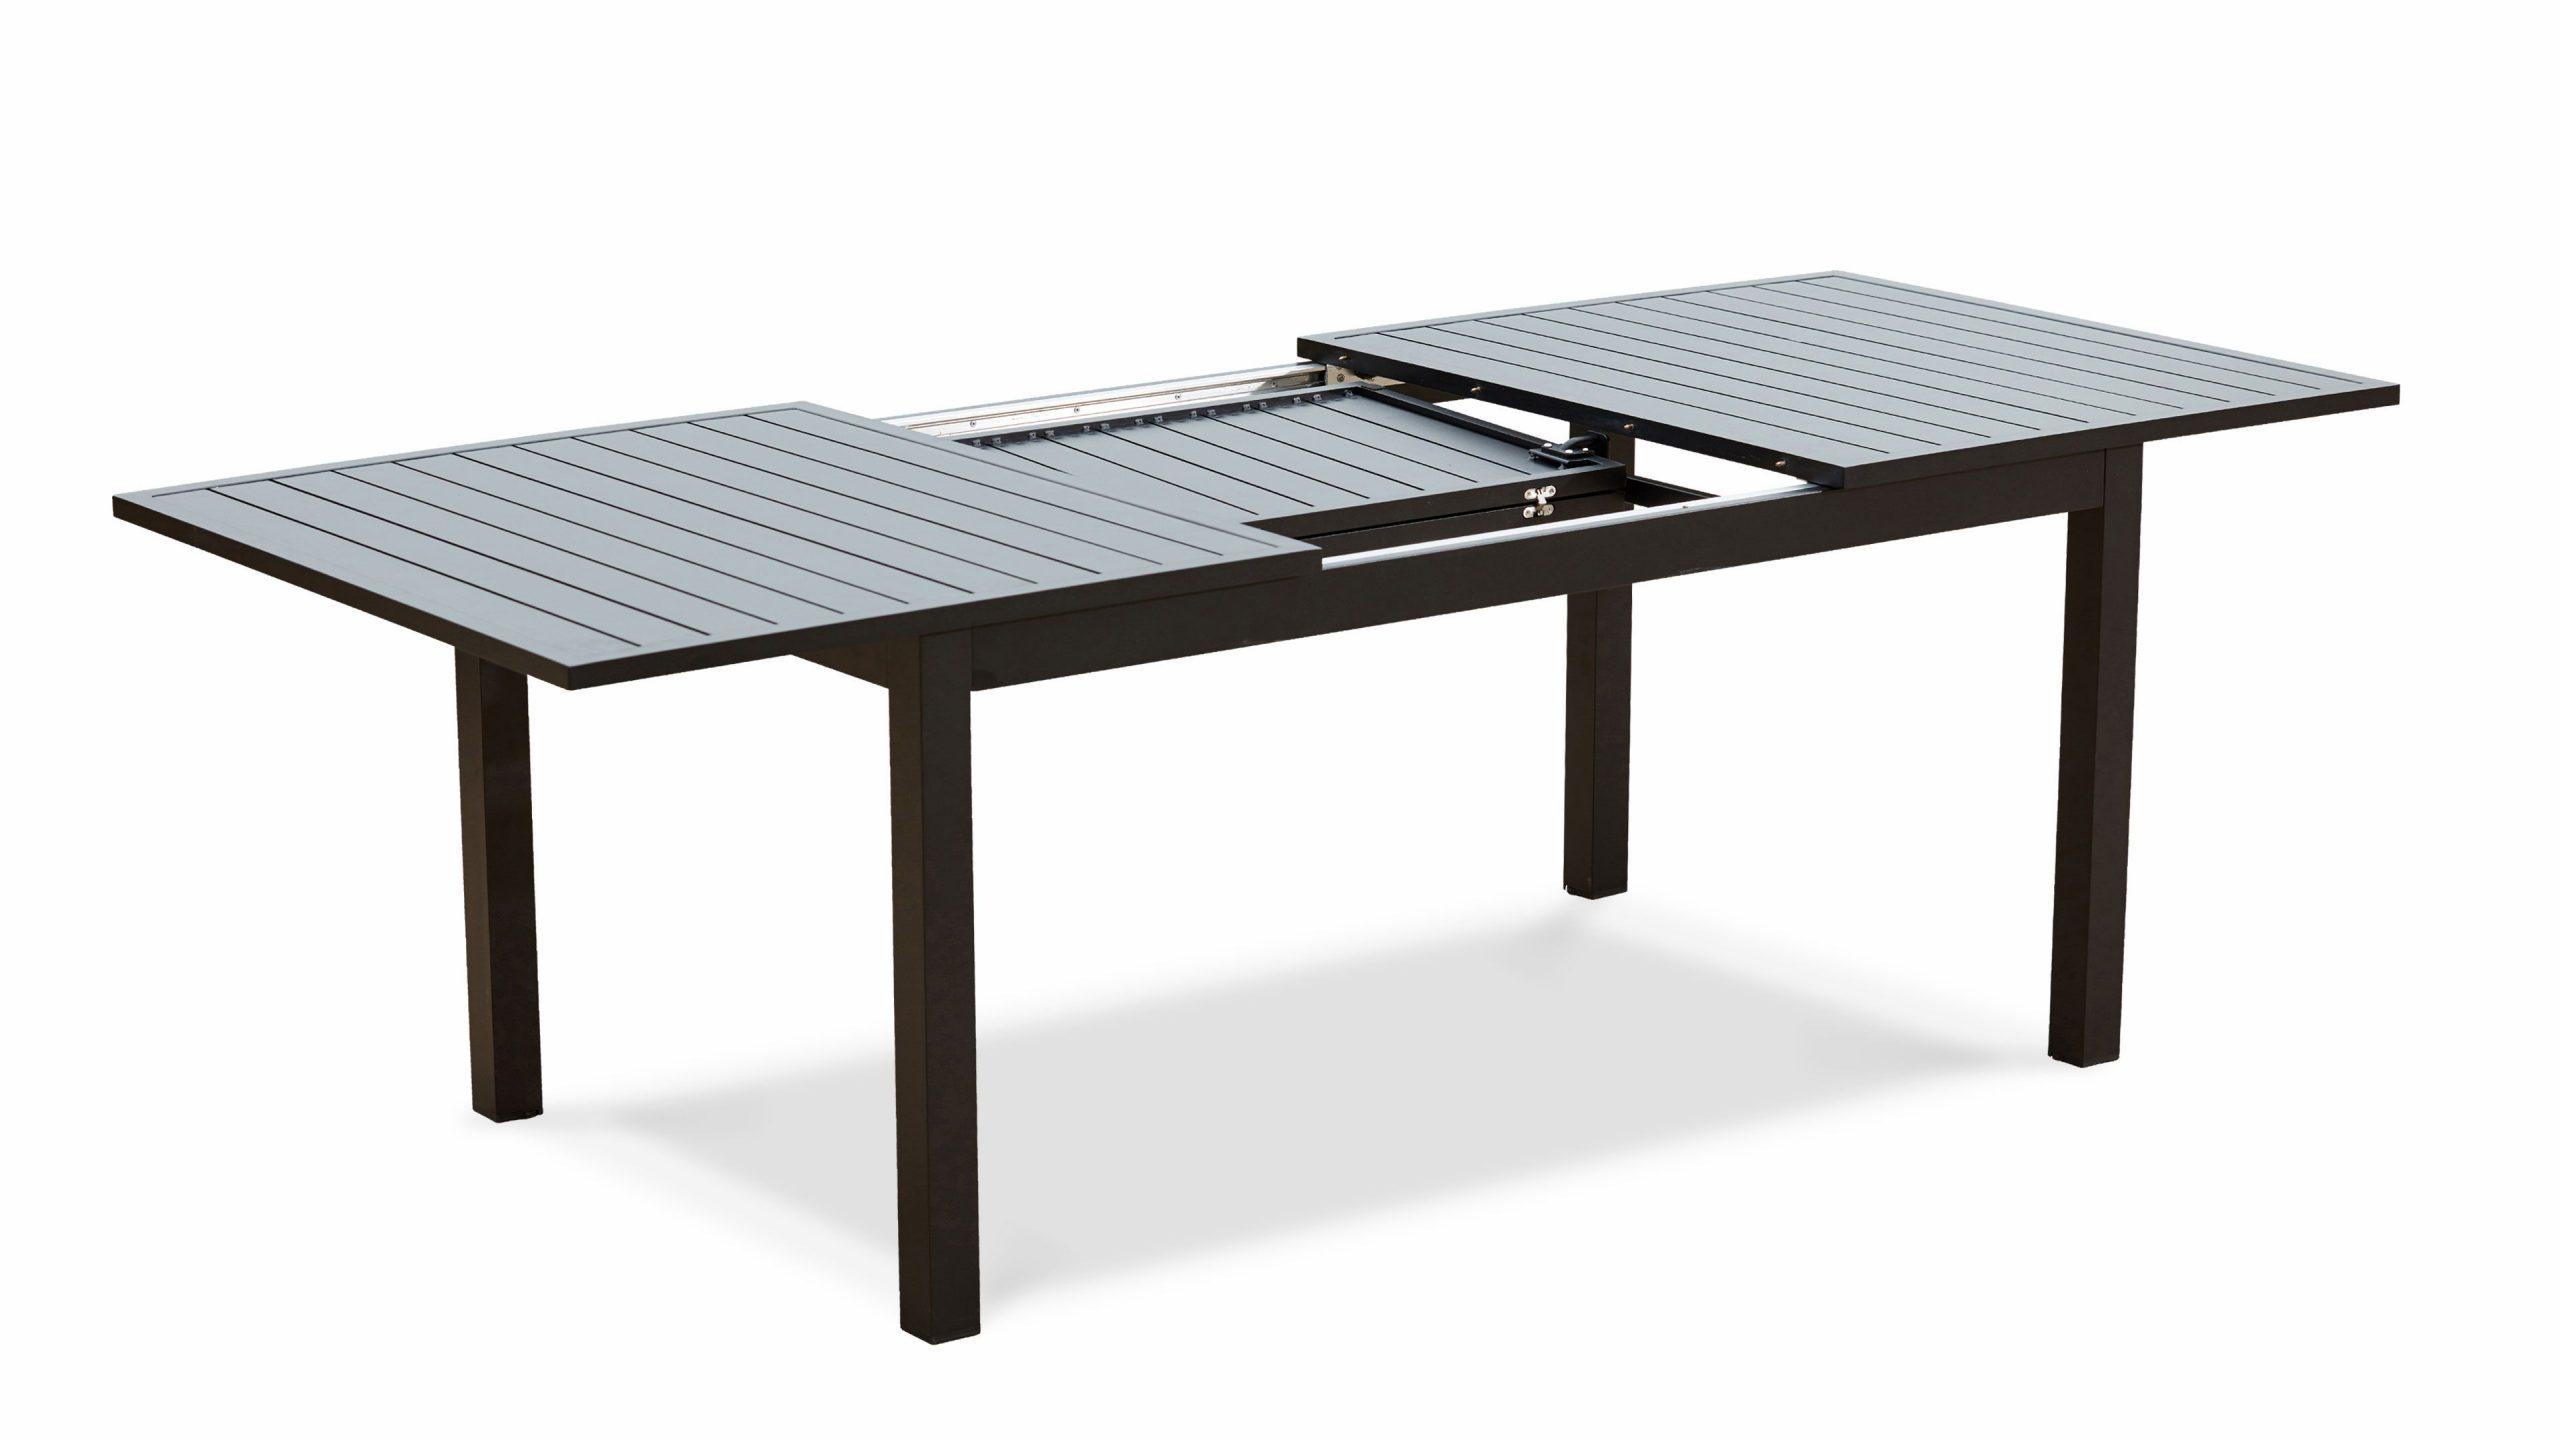 Table Jardin Extensible Rallonge 174/238 Cm Aluminium pour Table De Jardin Extensible Pas Cher